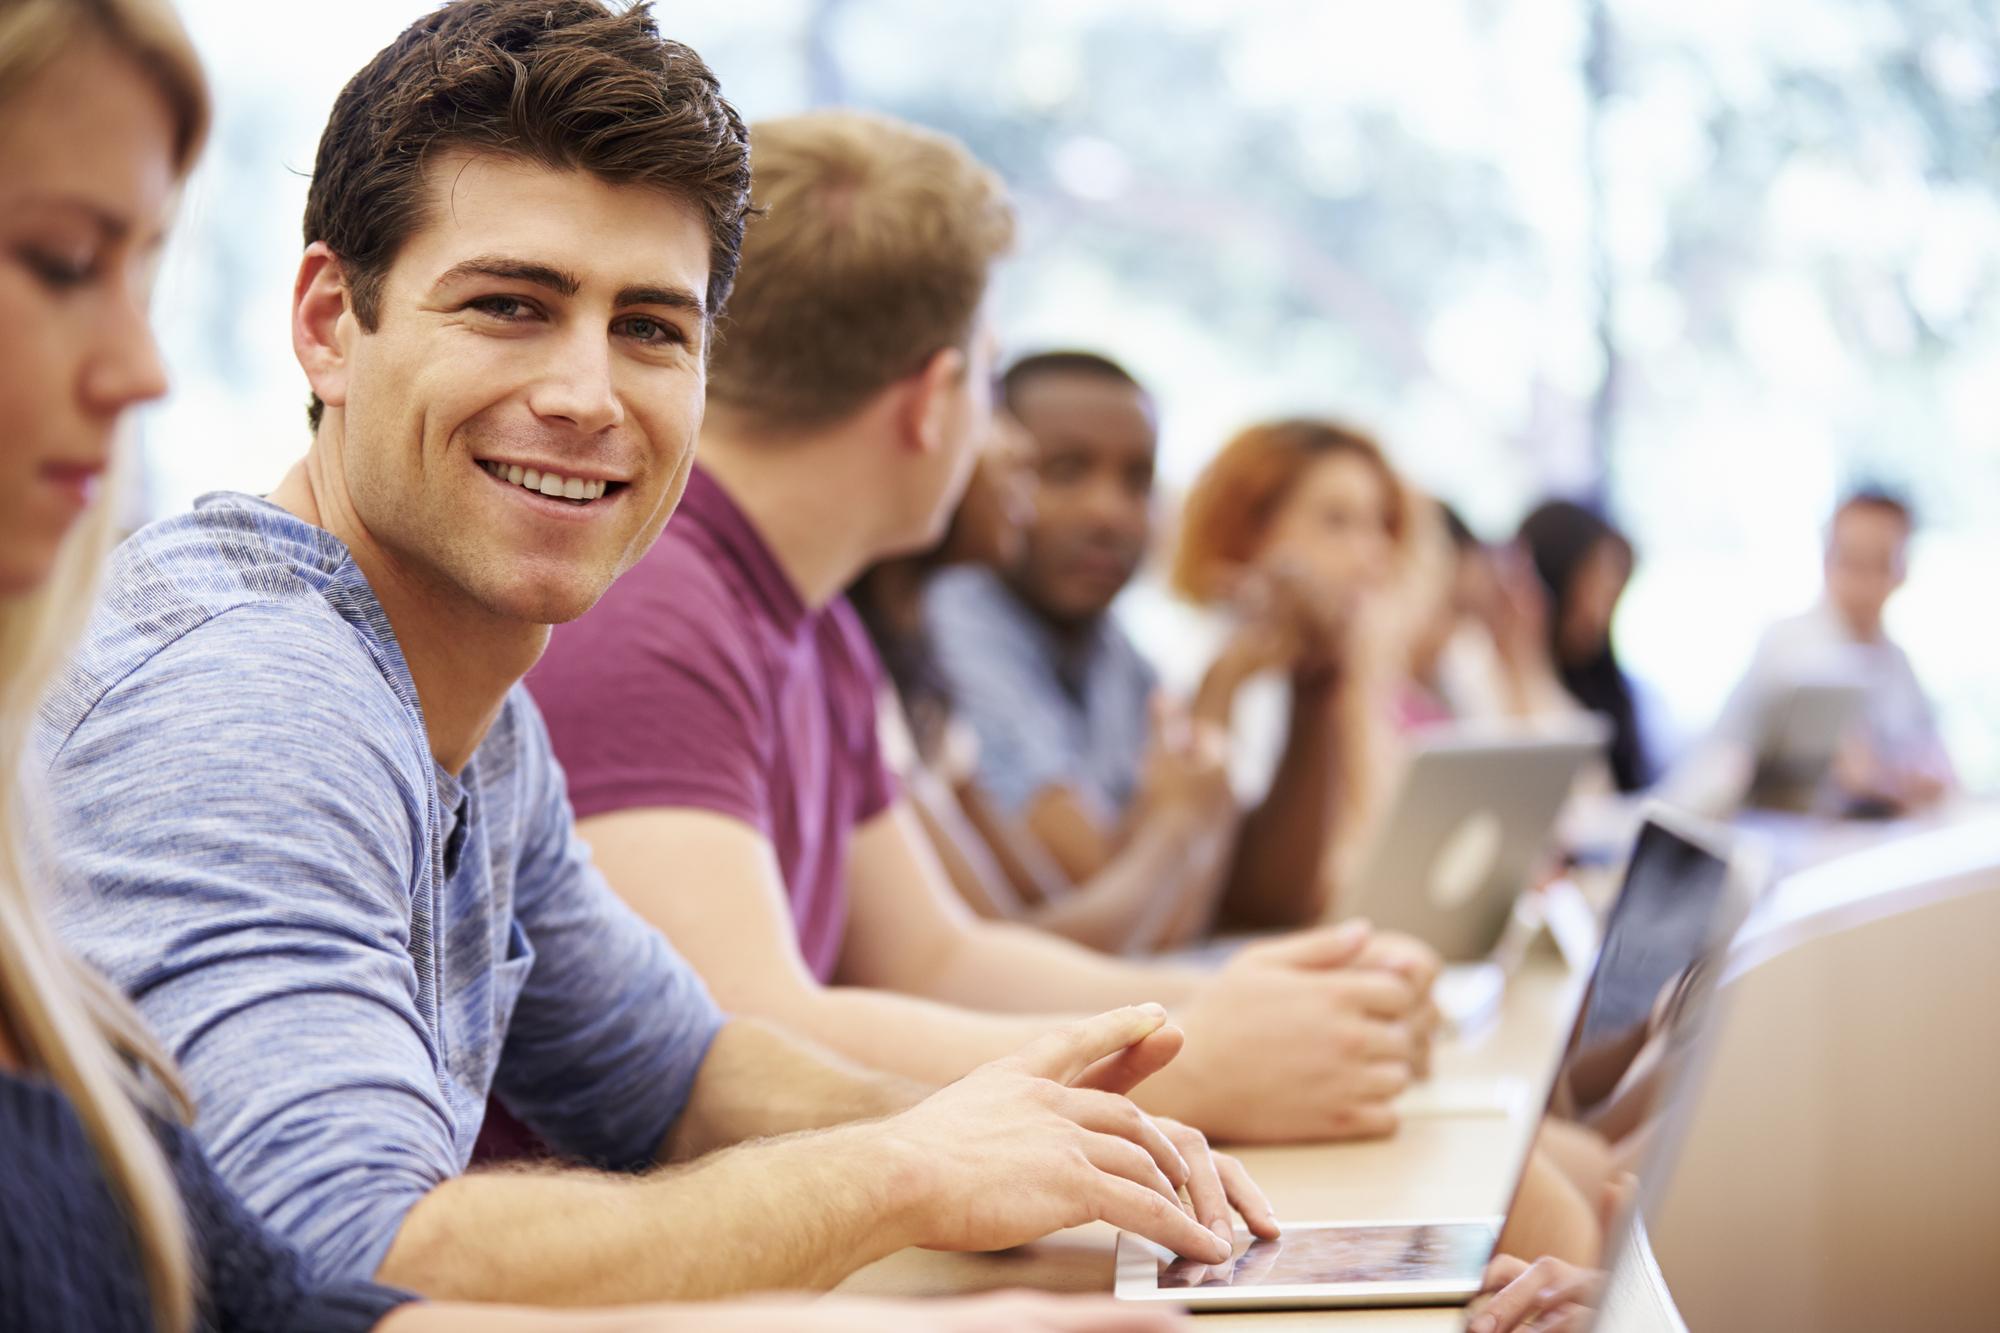 Aprende todo lo que debes saber sobre gramática en los Cursos de Inglés en Houston